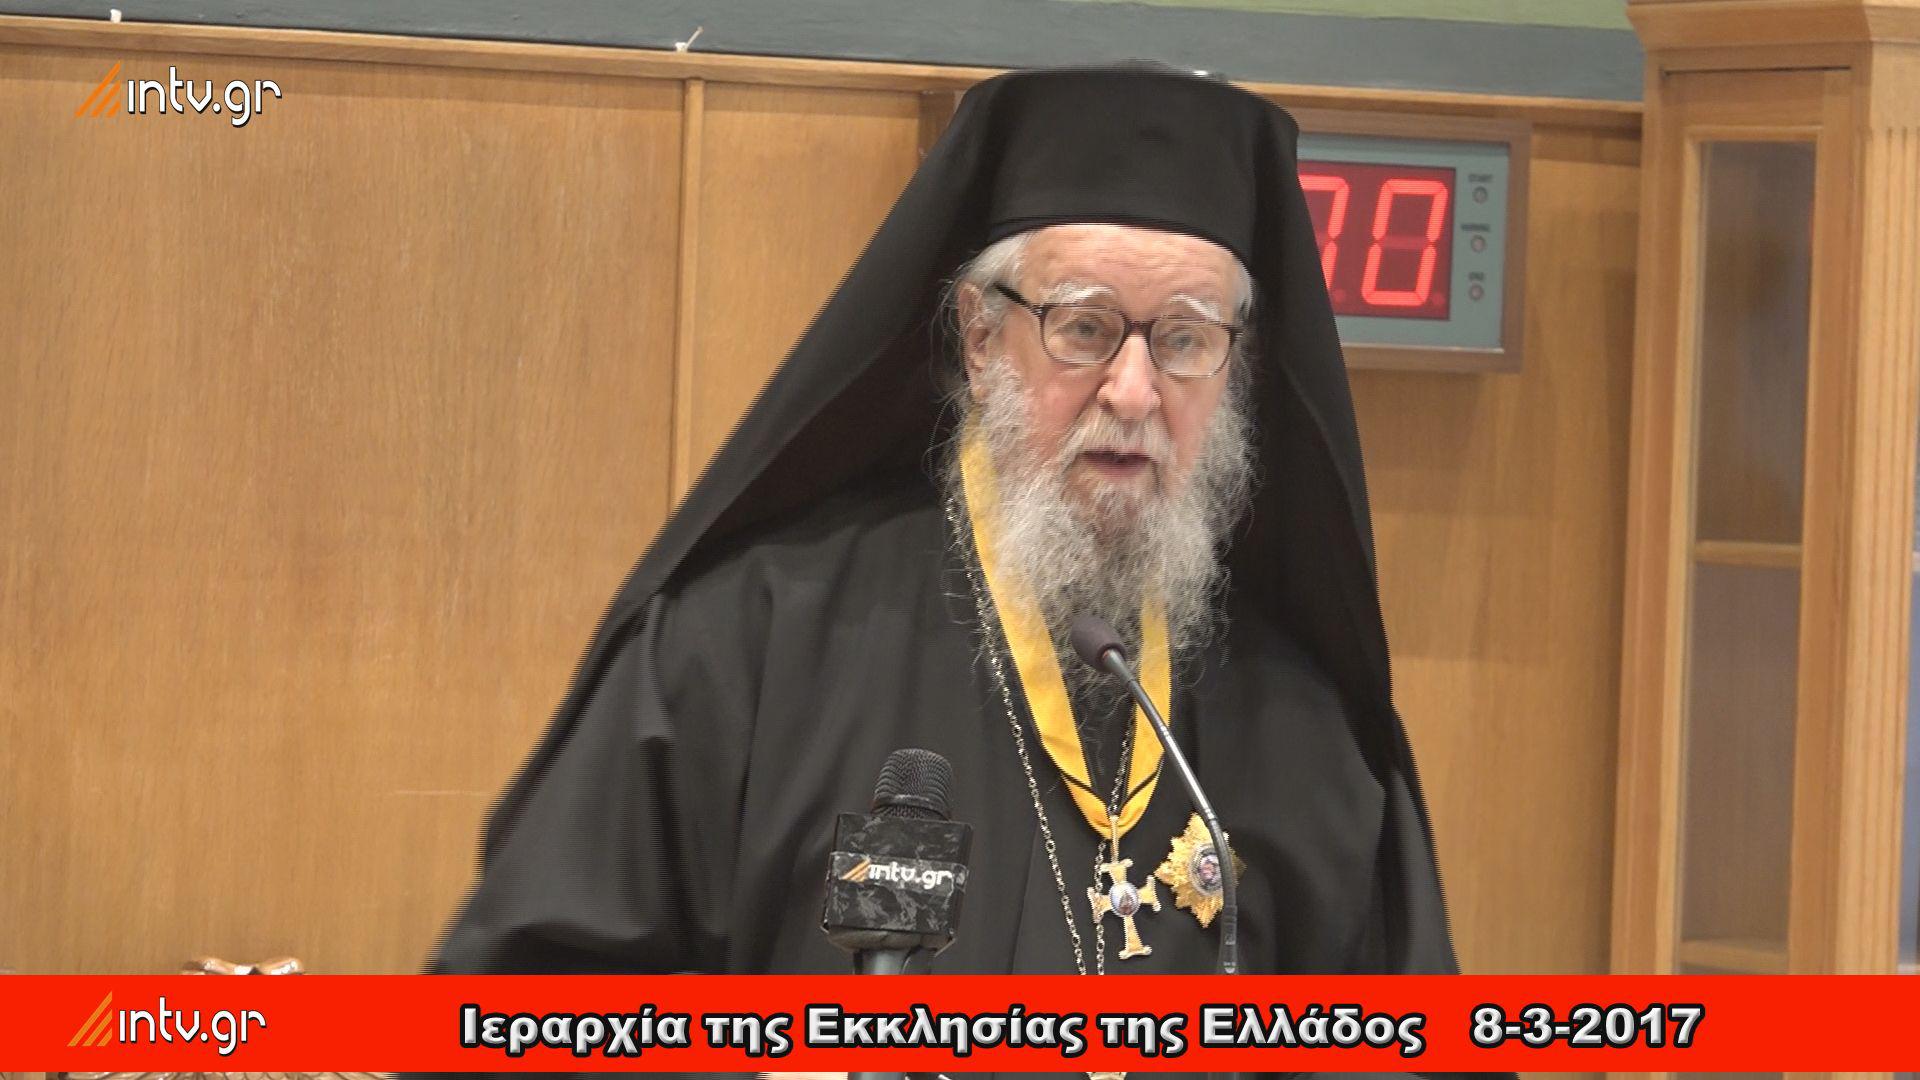 Ιεραρχία της Εκκλησίας της Ελλάδος 8-3-2017